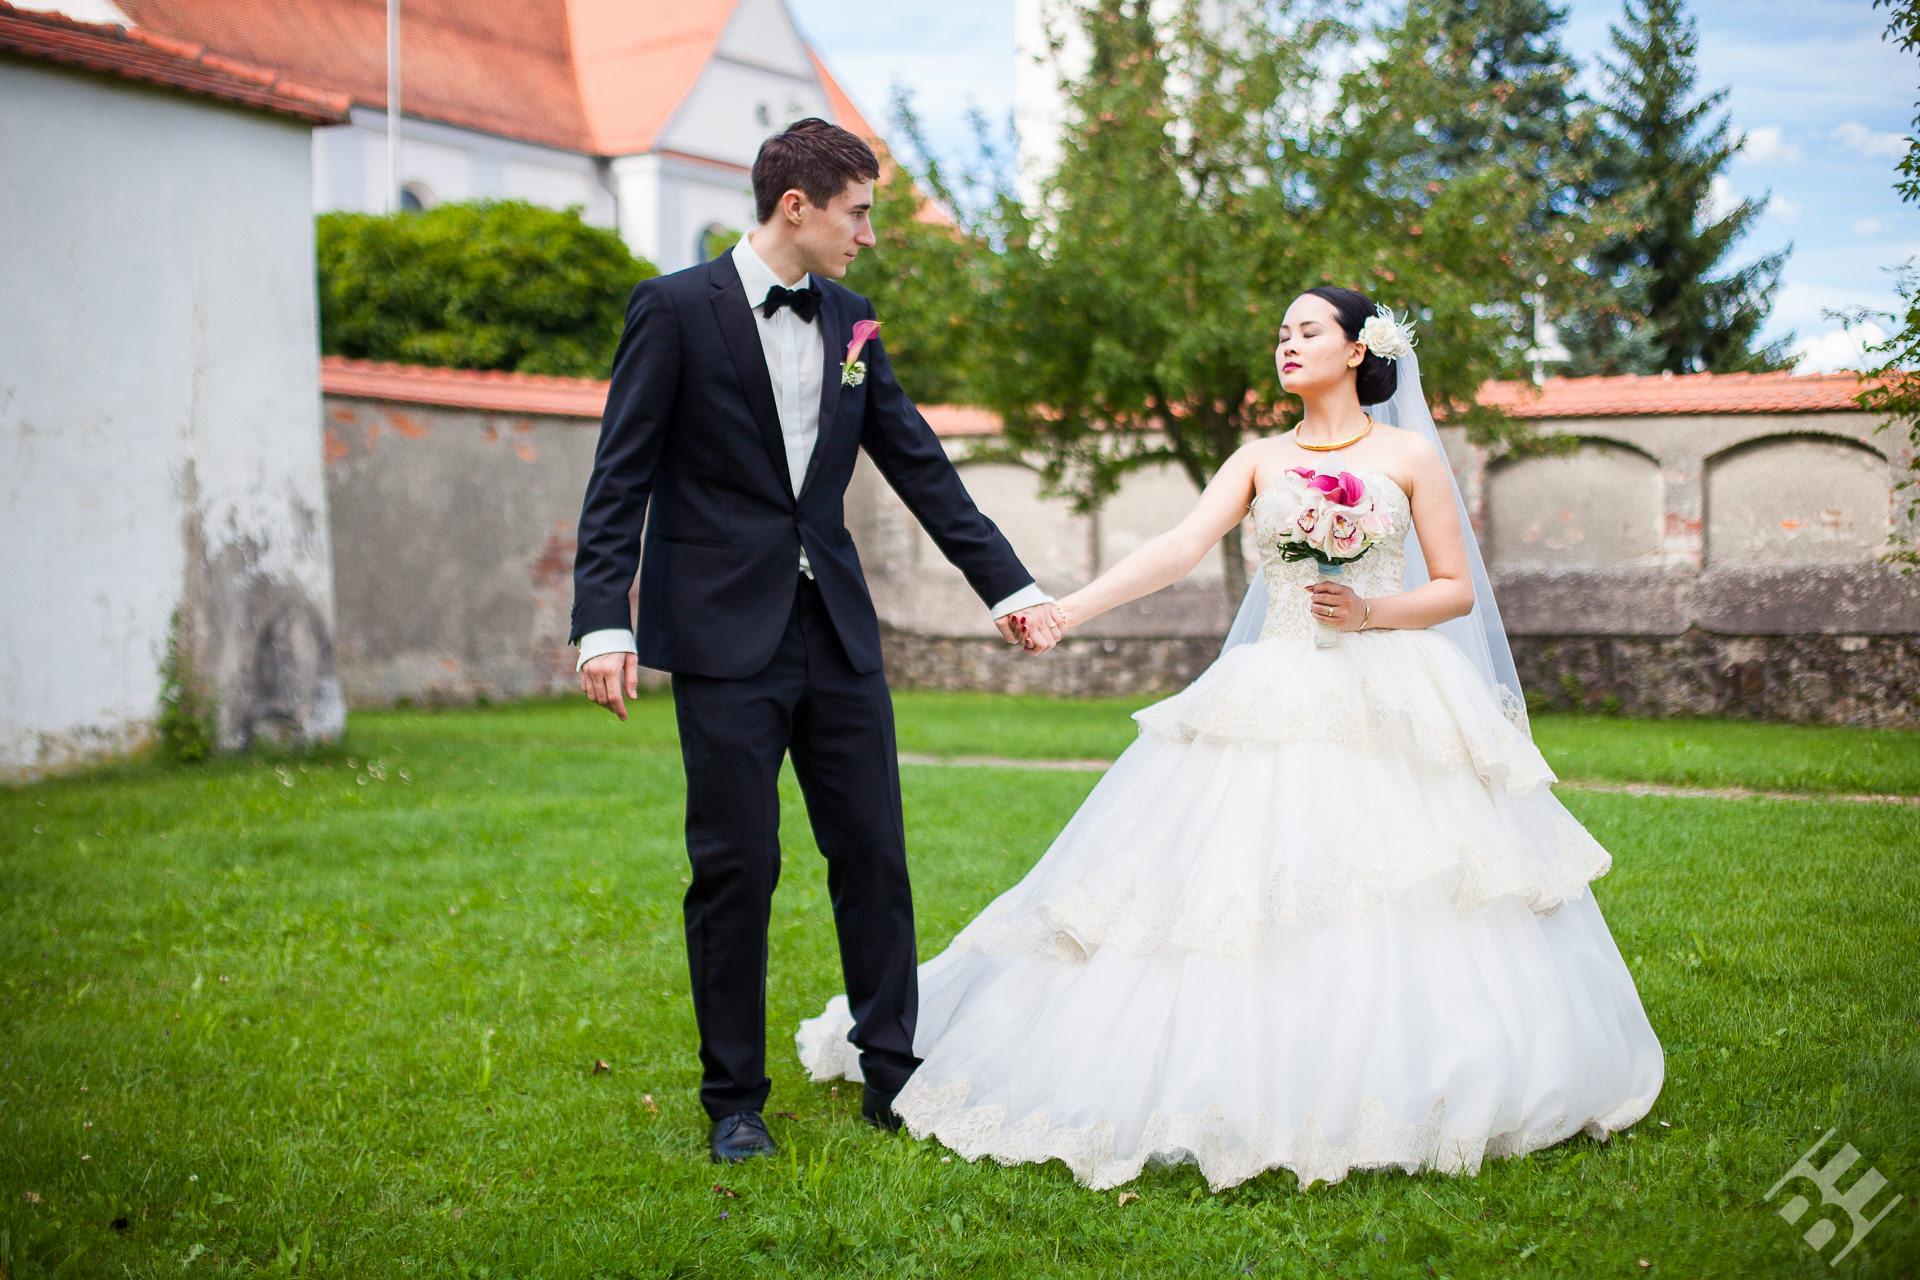 Hochzeit_70_IMG_0612_Volen_Evtimov